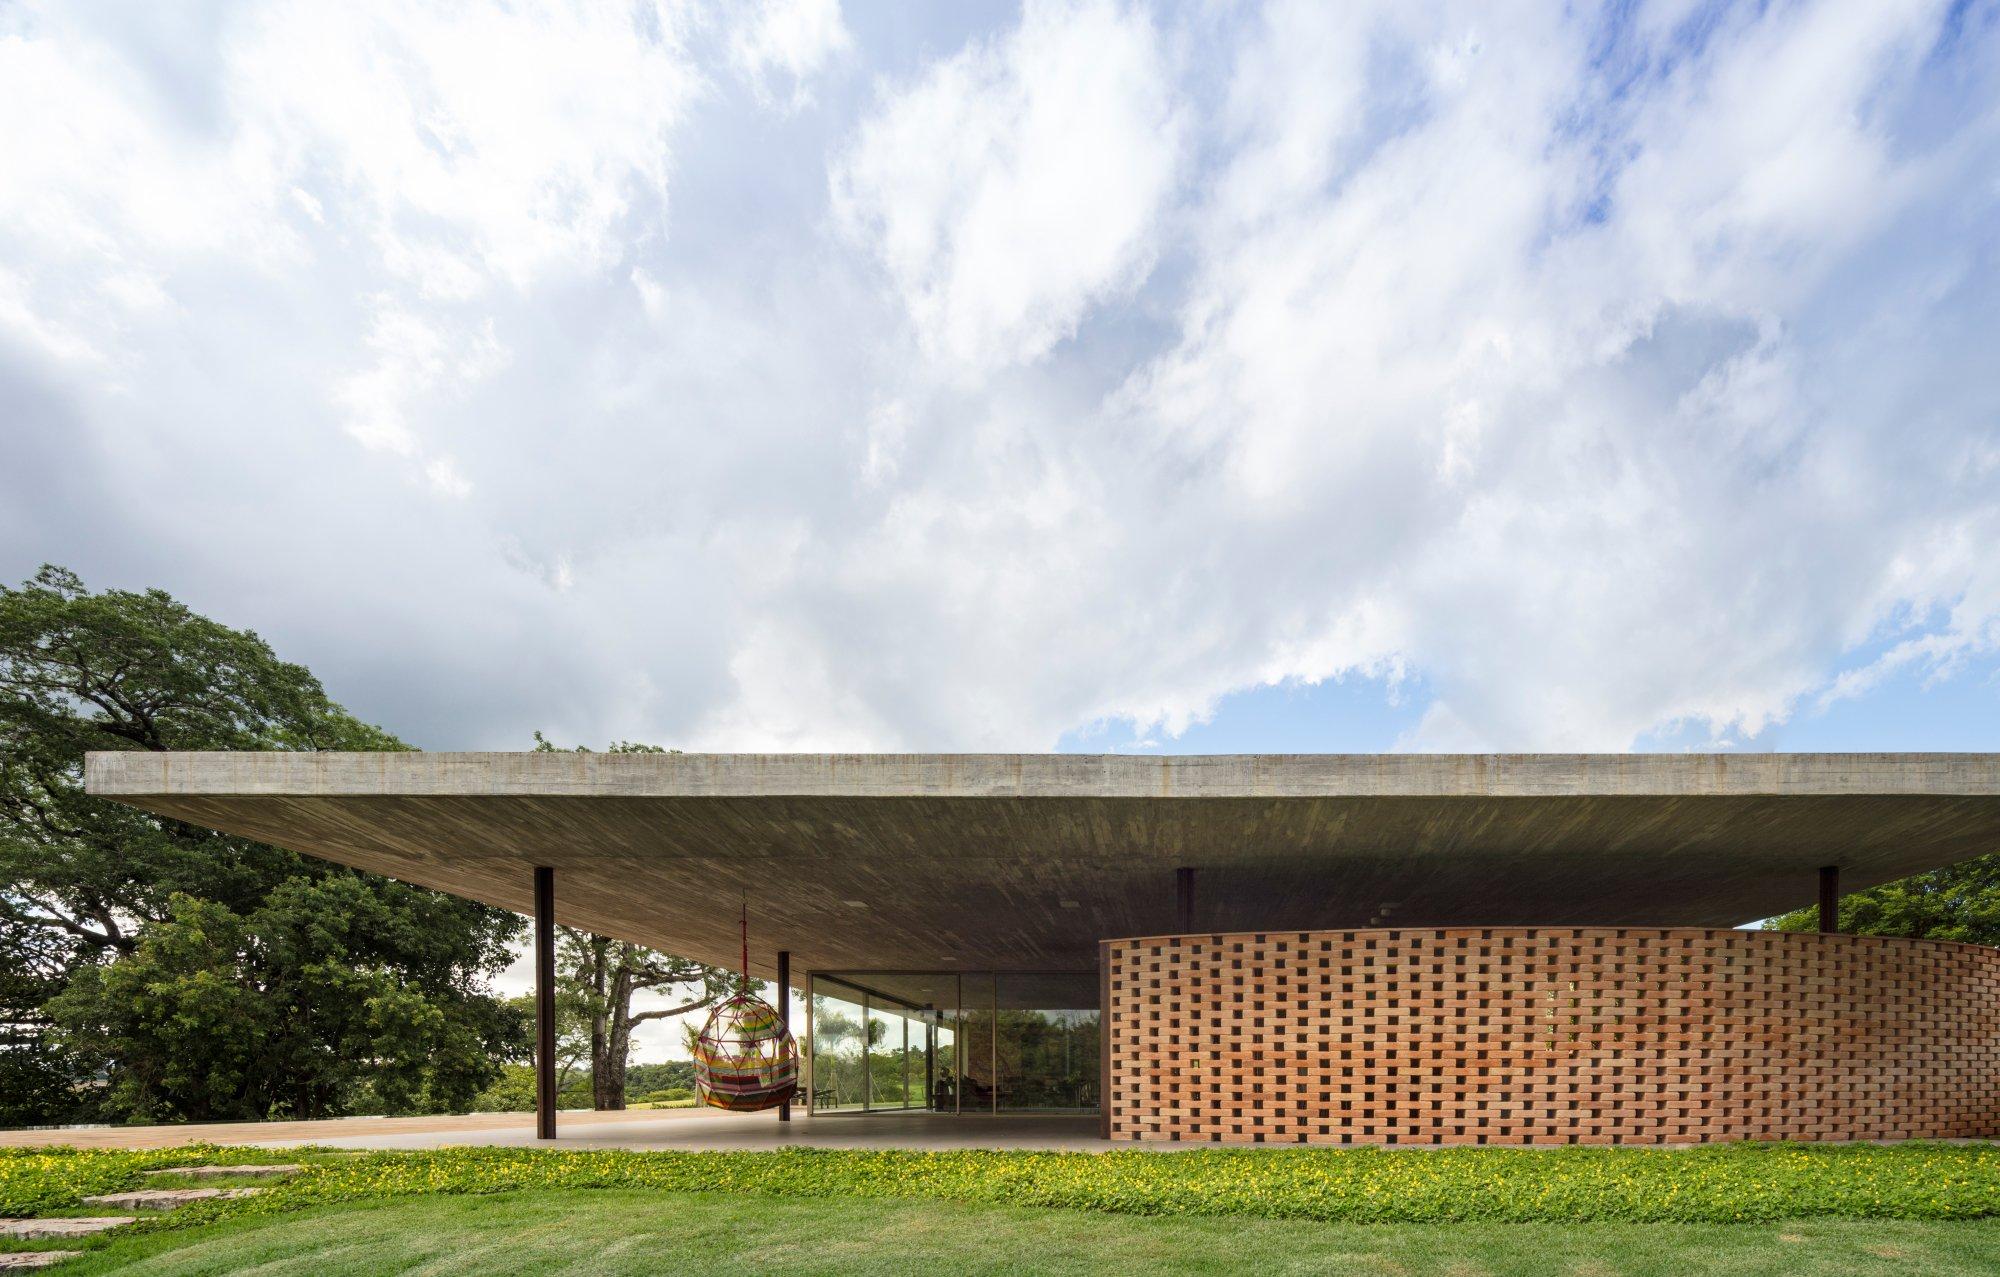 Die geschwungene Backsteinmauer dient als Kontrast zum strengen orthogonalen Entwurf.